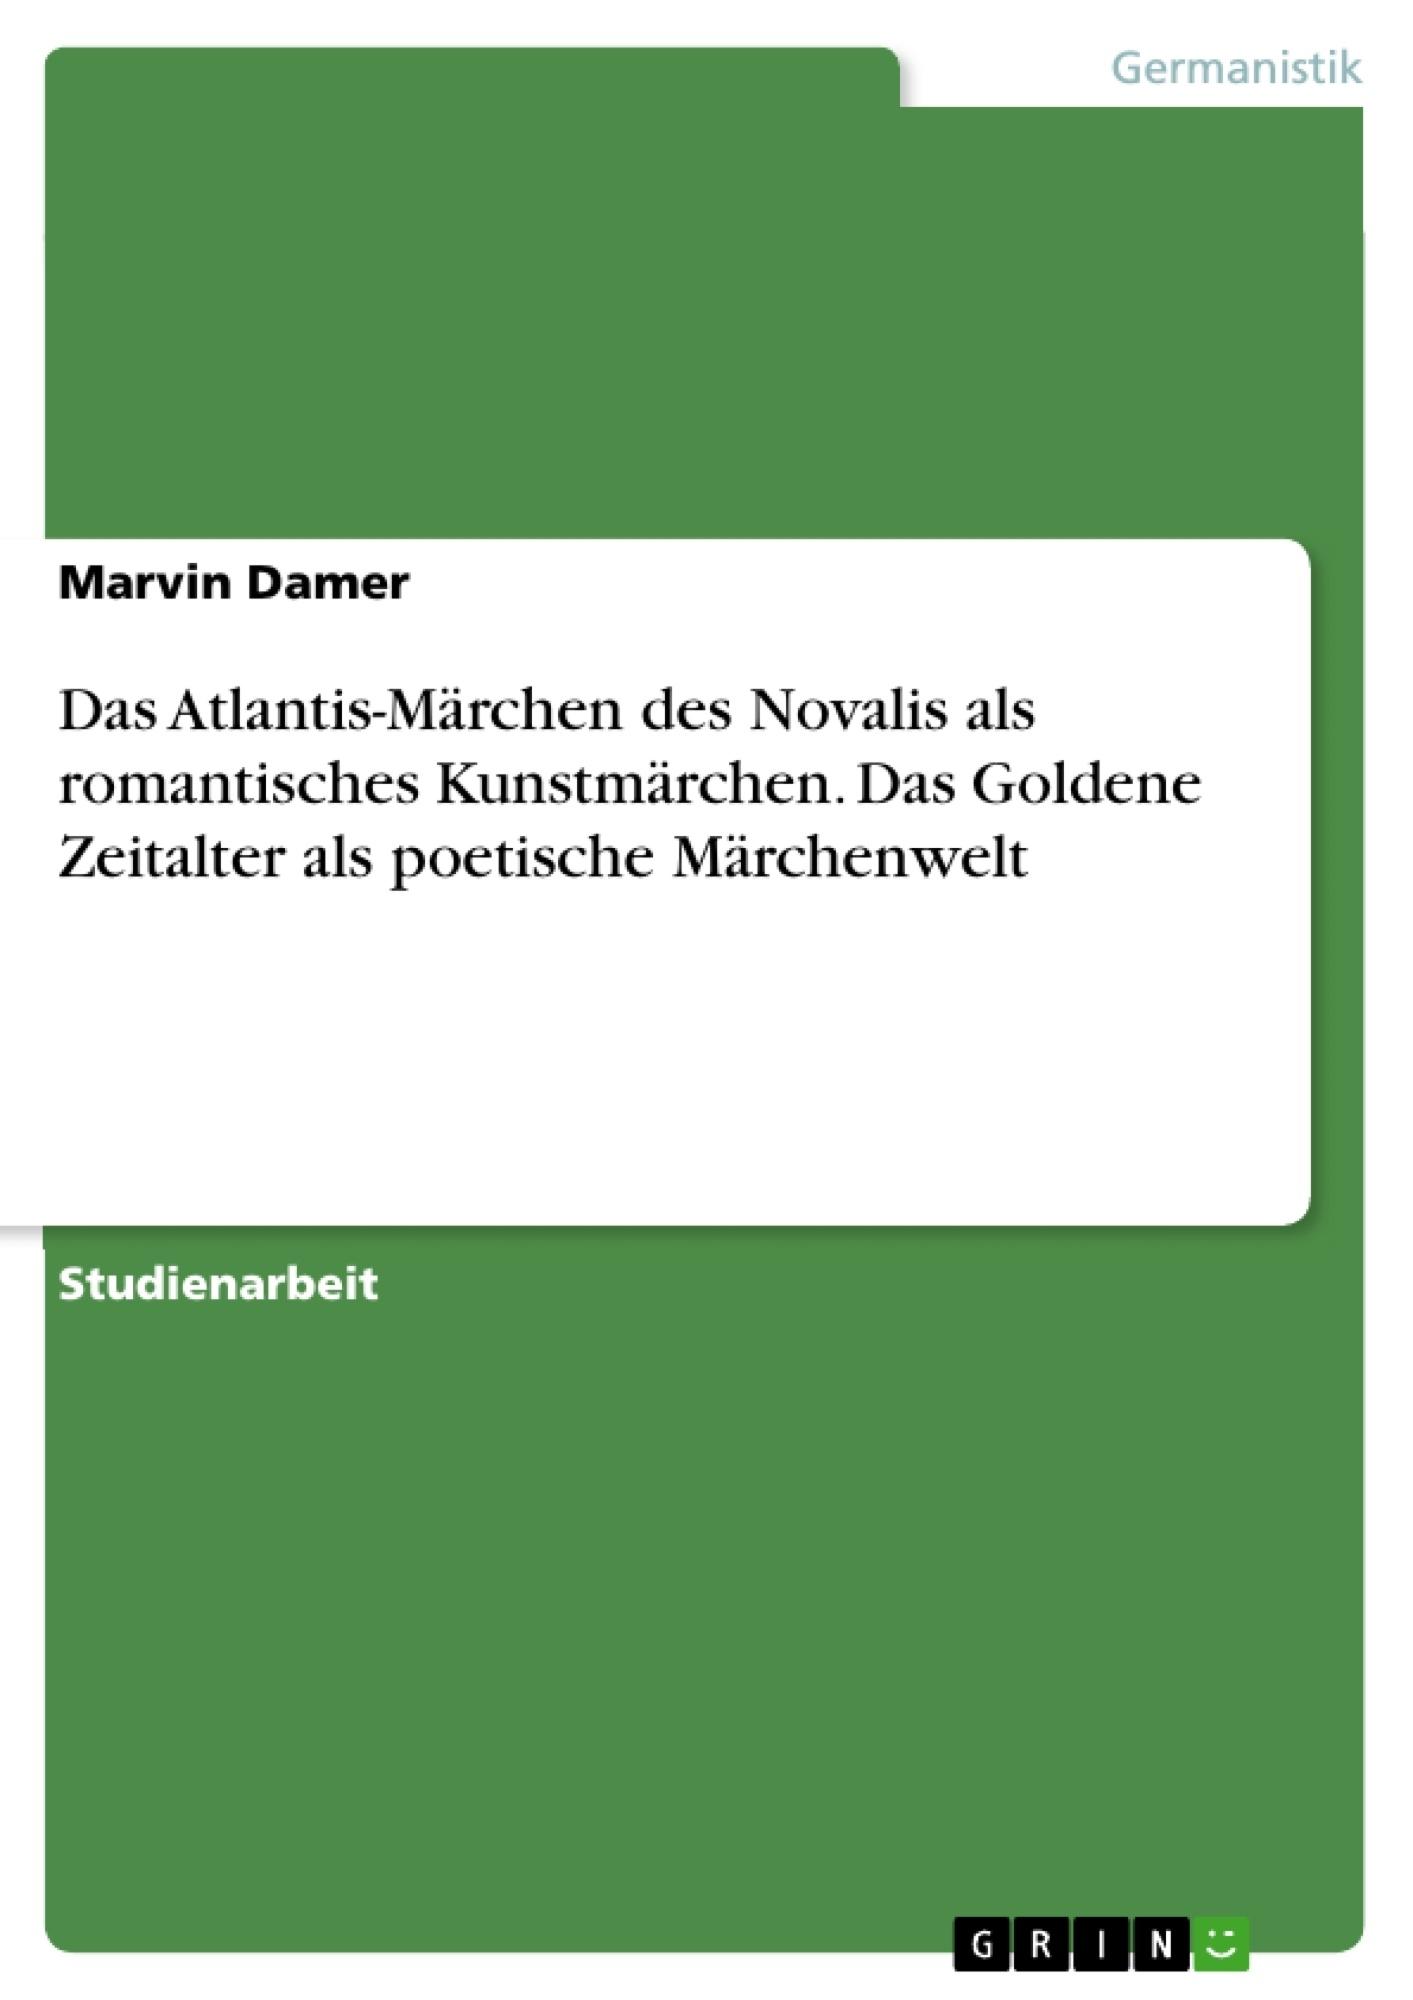 Titel: Das Atlantis-Märchen des Novalis als romantisches Kunstmärchen. Das Goldene Zeitalter als poetische Märchenwelt